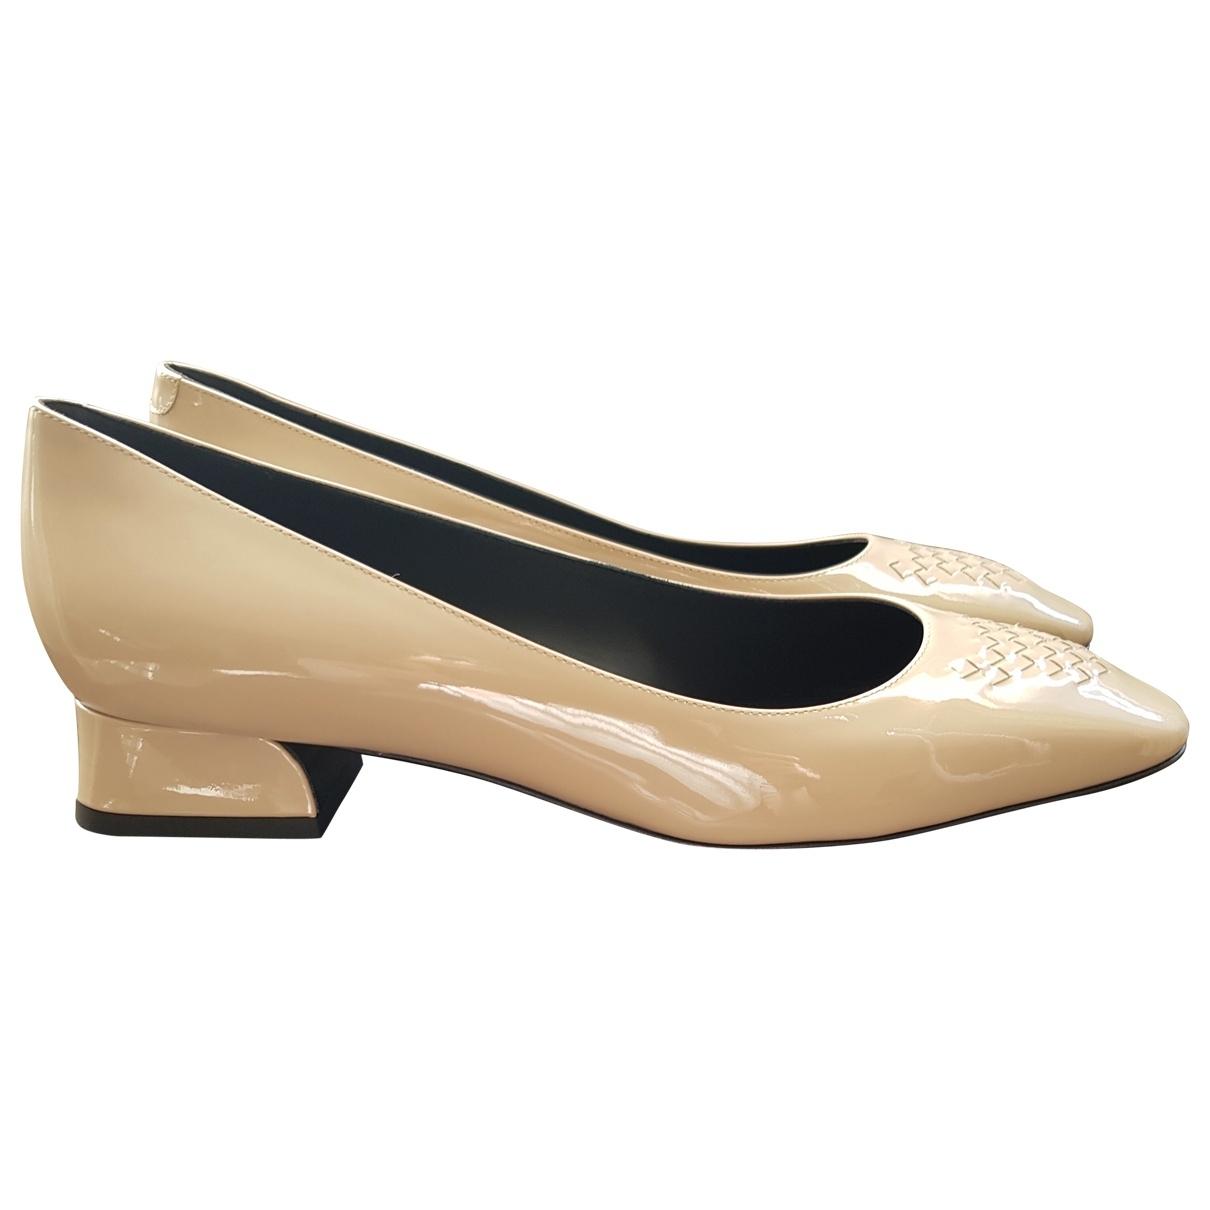 Bottega Veneta \N Beige Patent leather Heels for Women 40 EU